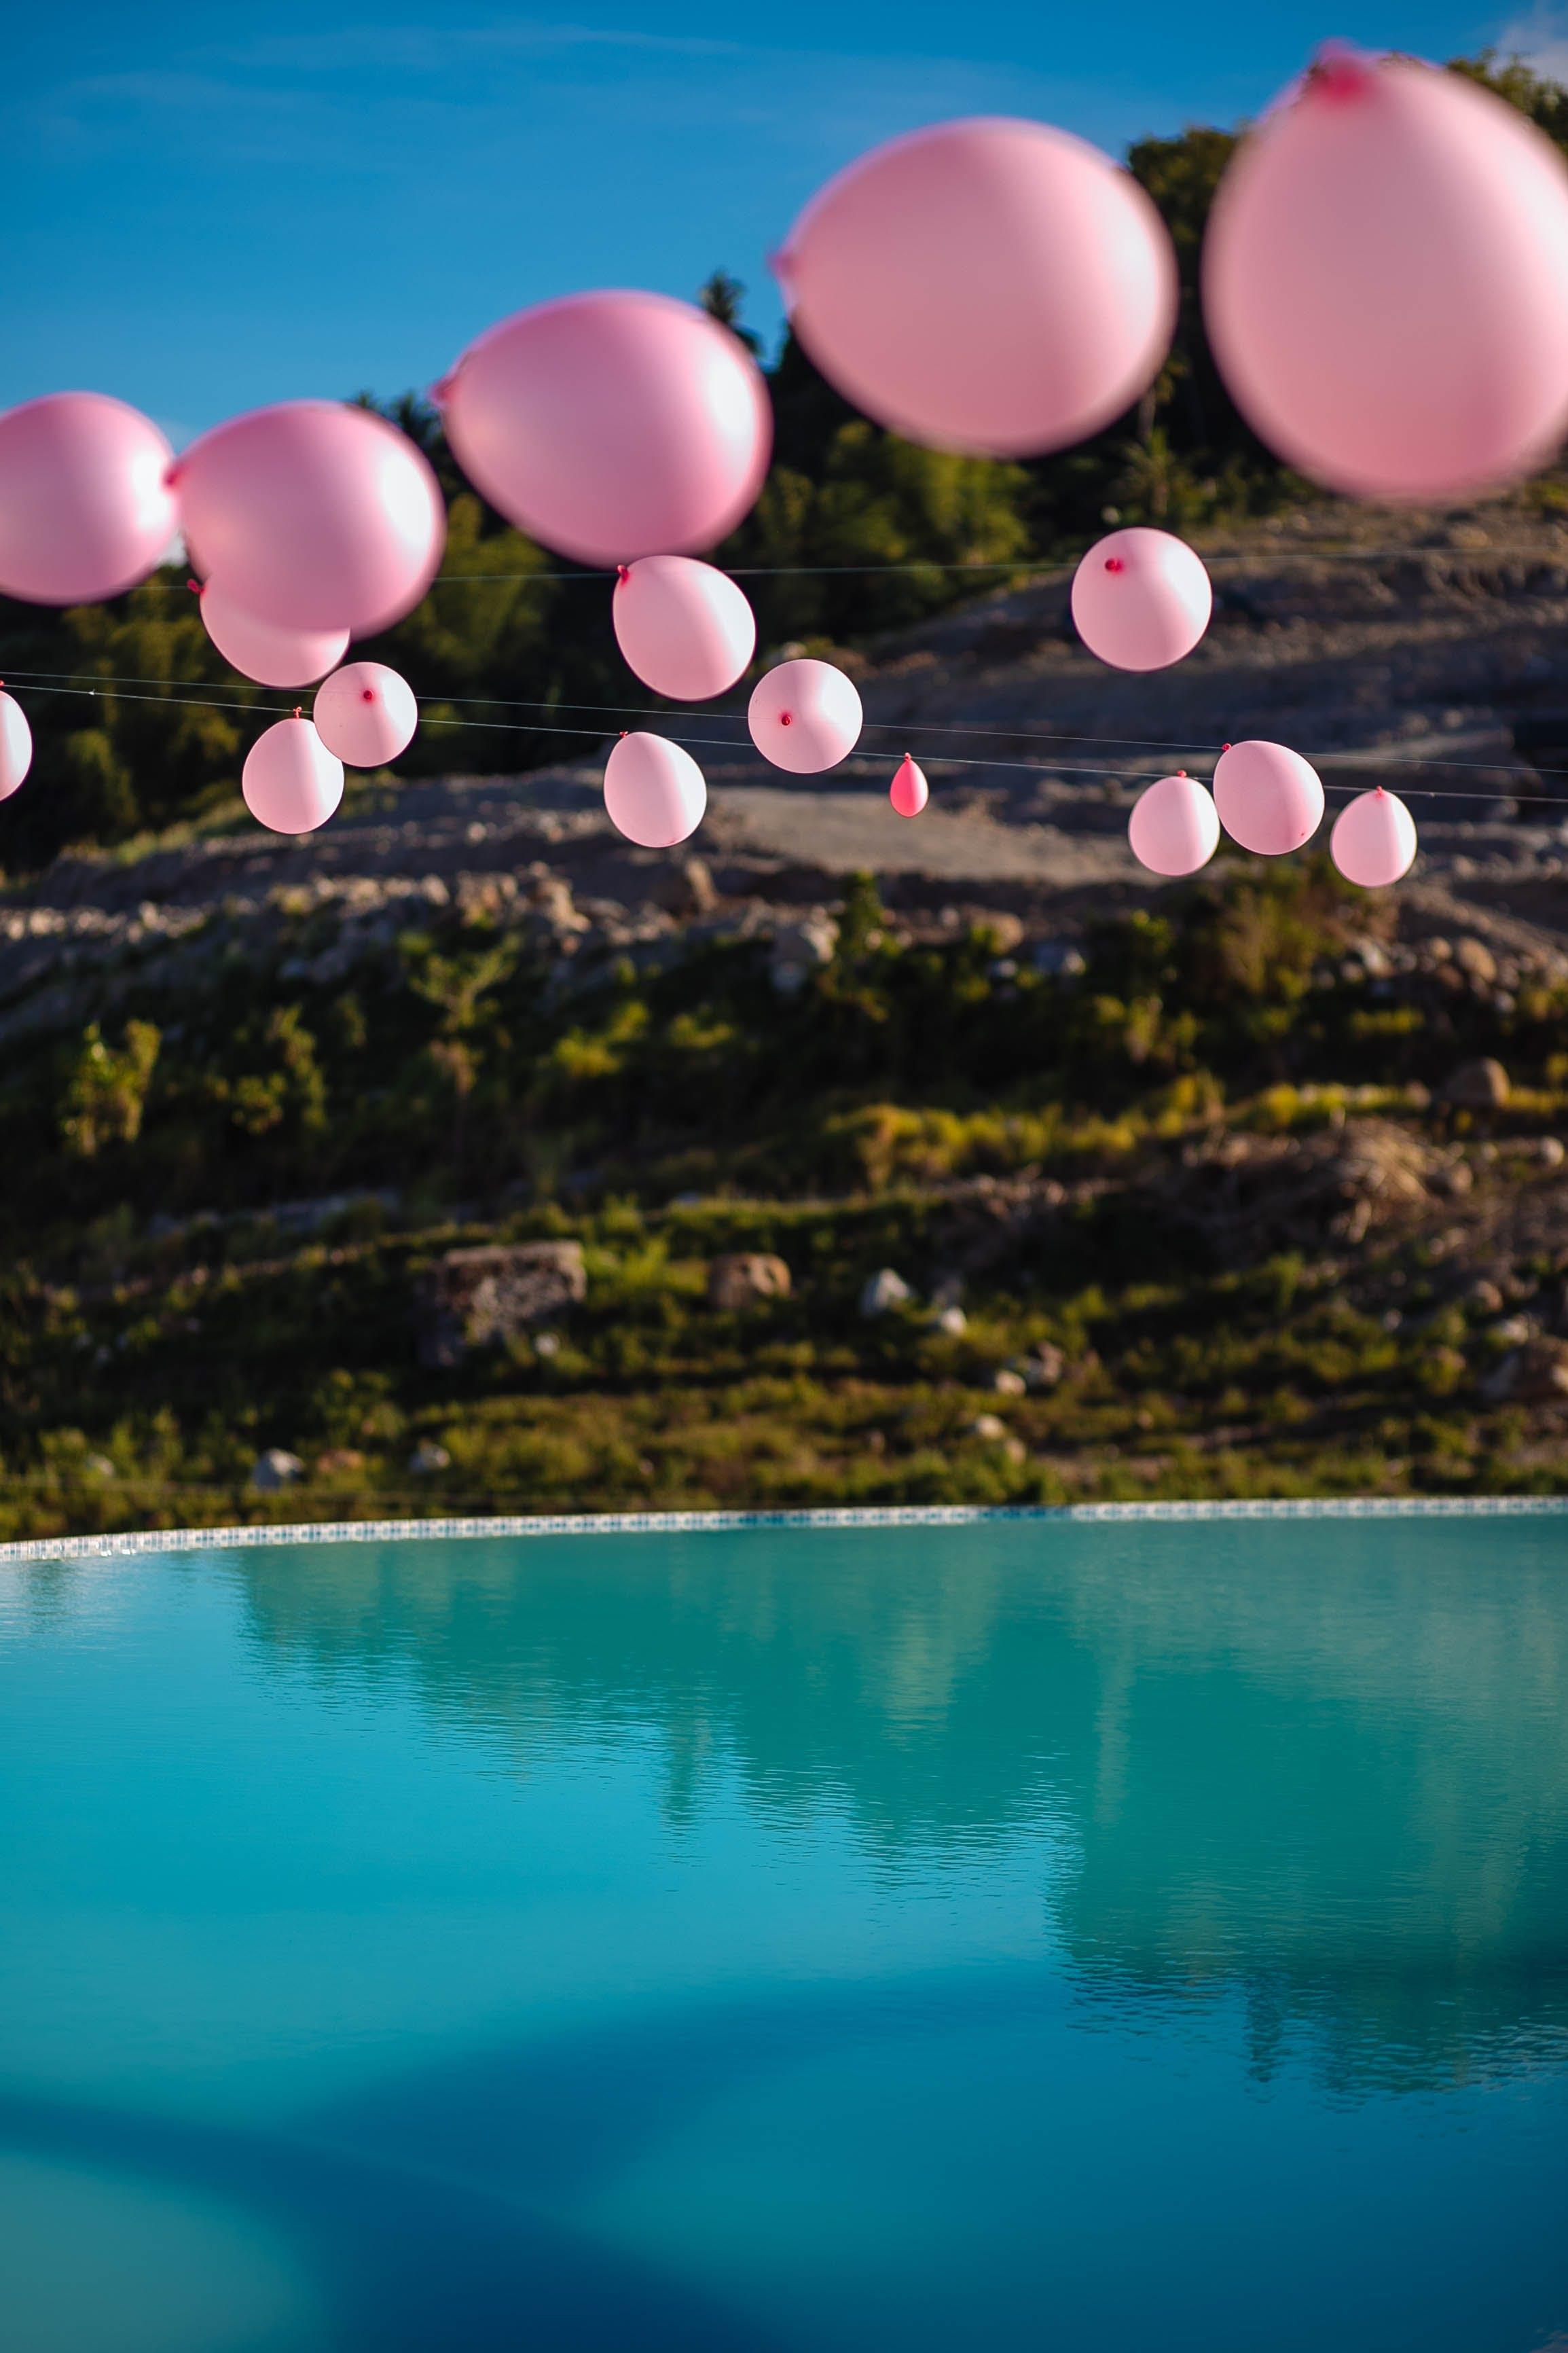 Δωρεάν στοκ φωτογραφιών με κρέμασμα, μπαλόνια, πισίνα